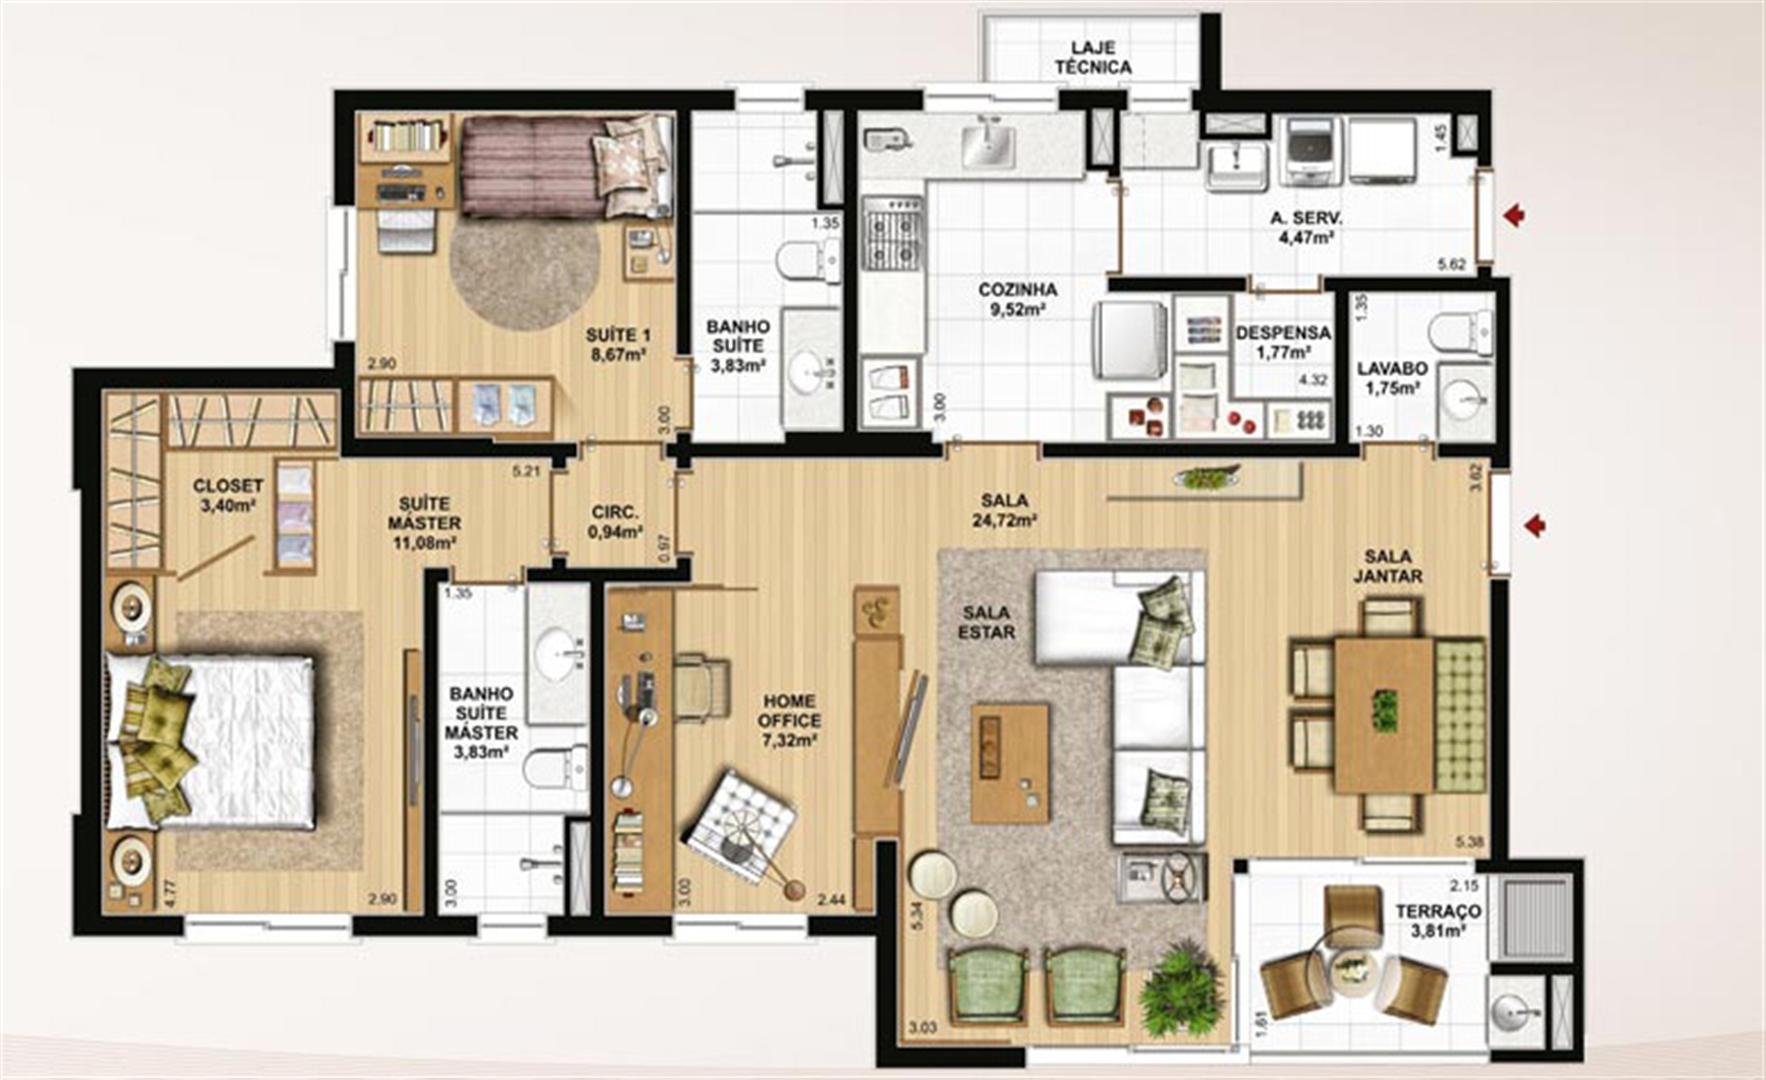 106 m² privativos, 2 suítes, despensa e sala ampliada | Le Jardin Residencial – Apartamento no  Água Verde - Curitiba - Paraná